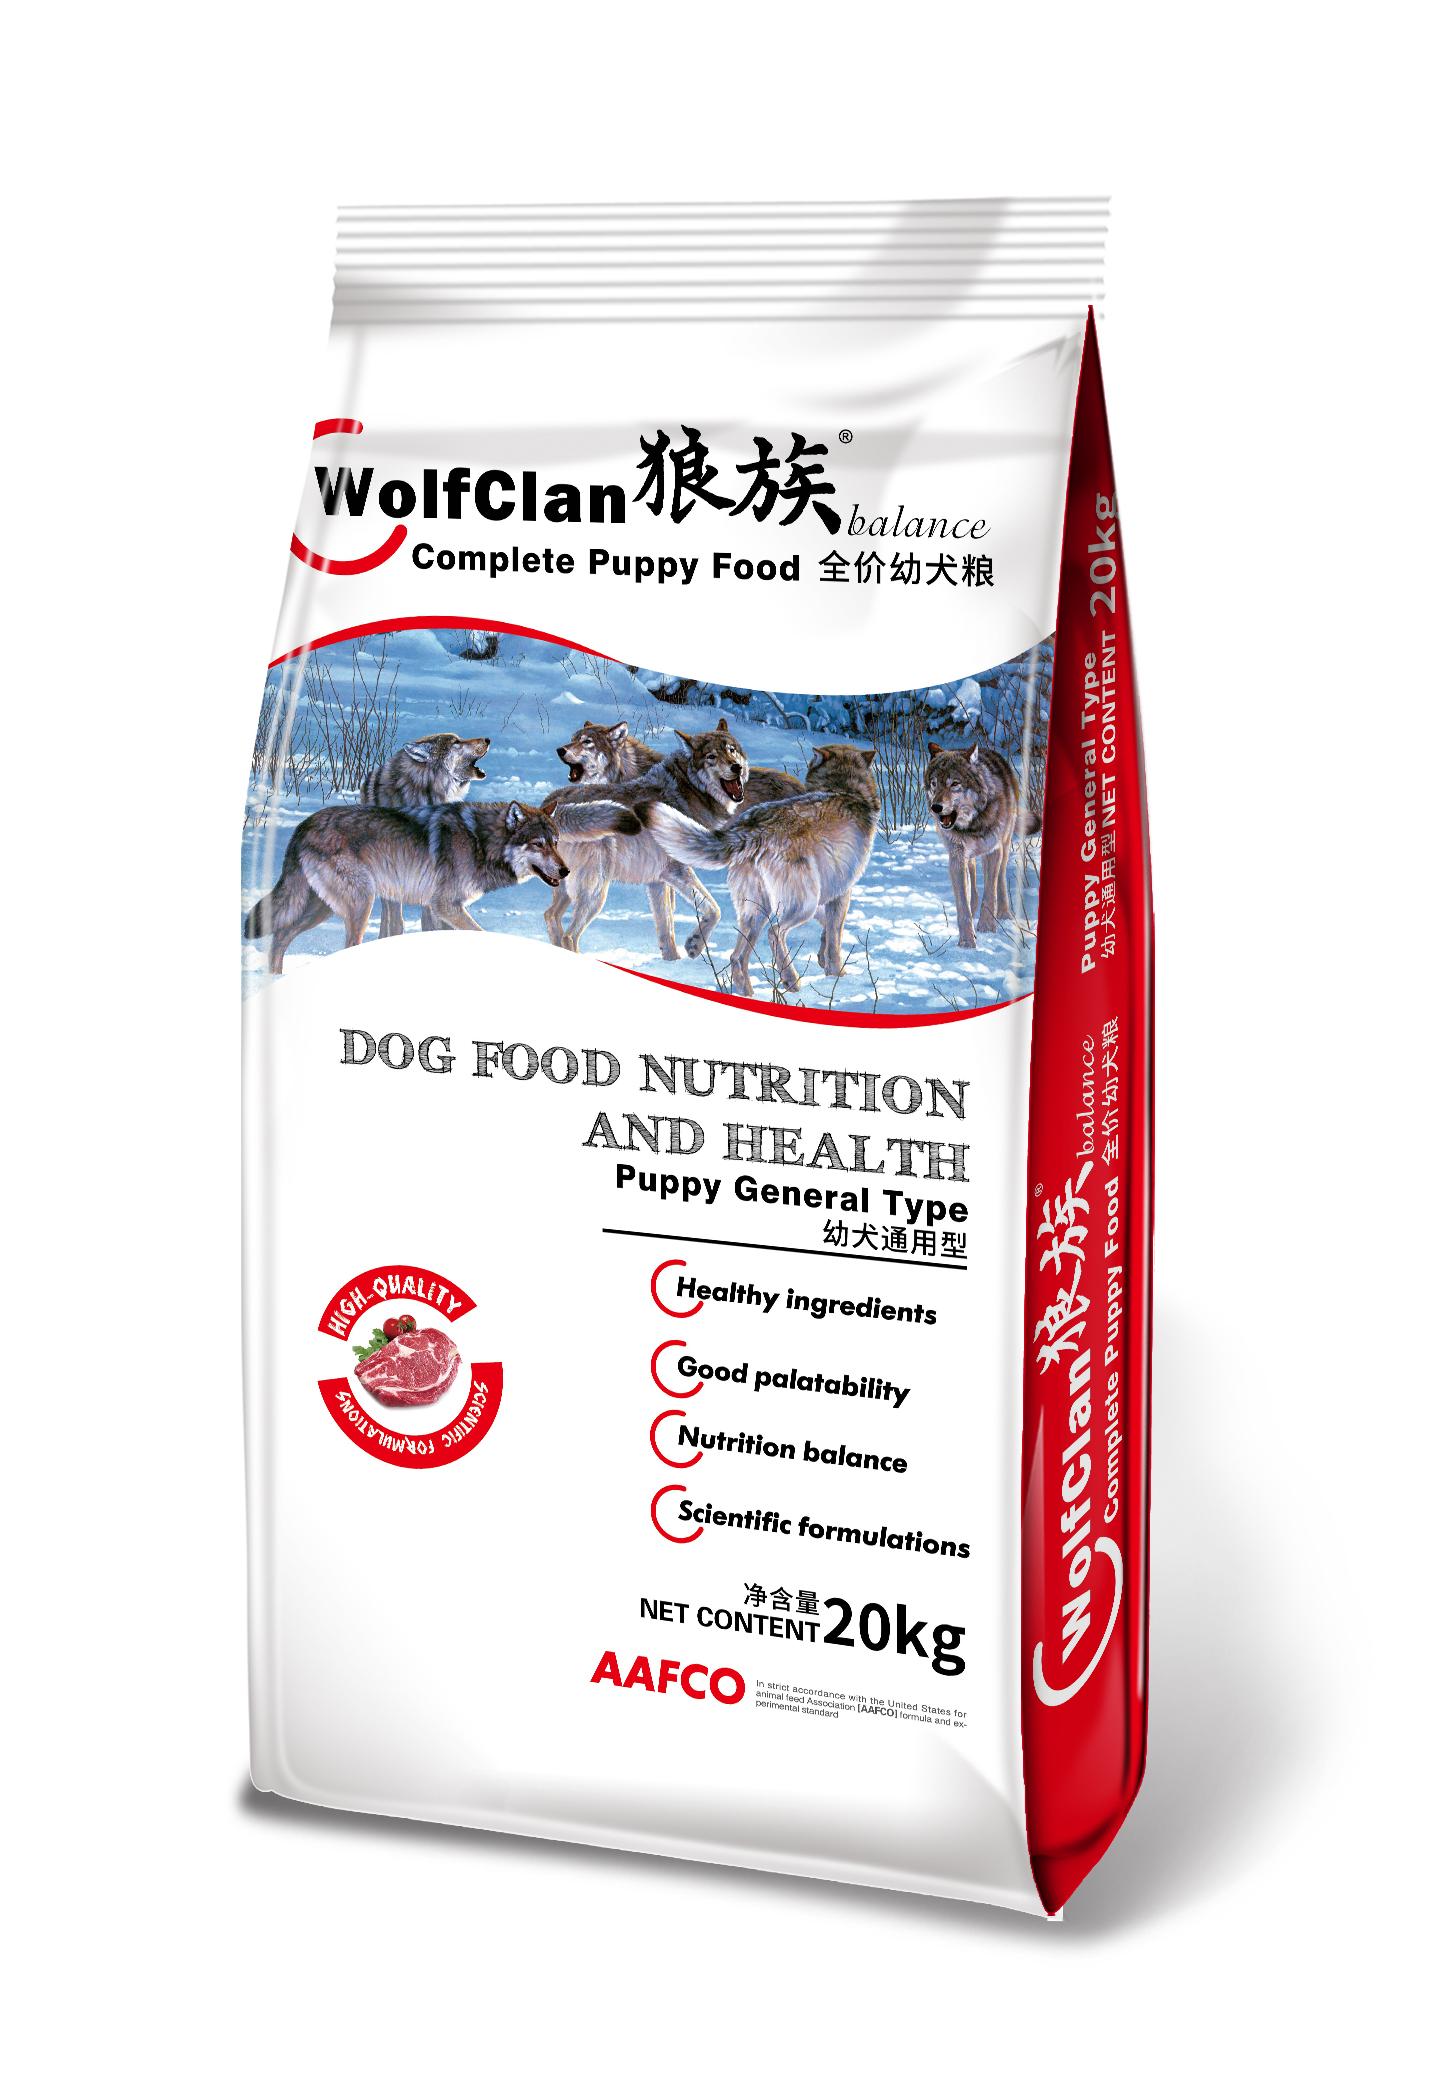 狼族狗粮20kg40斤全犬种通用型德牧金毛泰迪马犬杜宾幼犬成犬专用优惠券